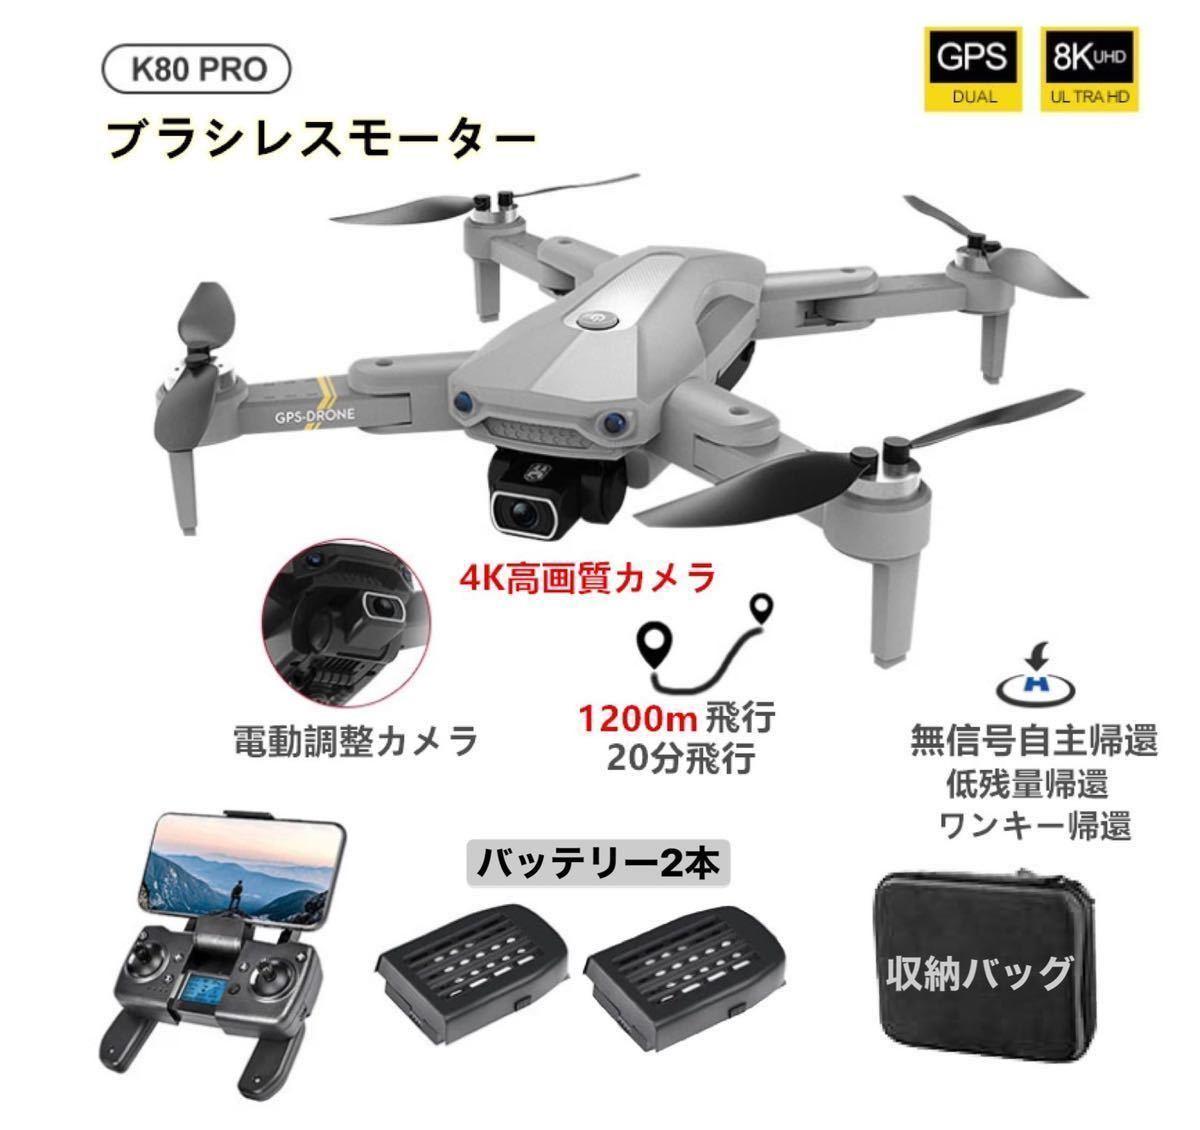 バッテリー2本 新K80 PRO 4K高画質カメラ ブラシレスモーター WIFI FPV GPS搭載 1200m飛行 自主追尾帰還 ドローン 折り畳み 初心者 日本語